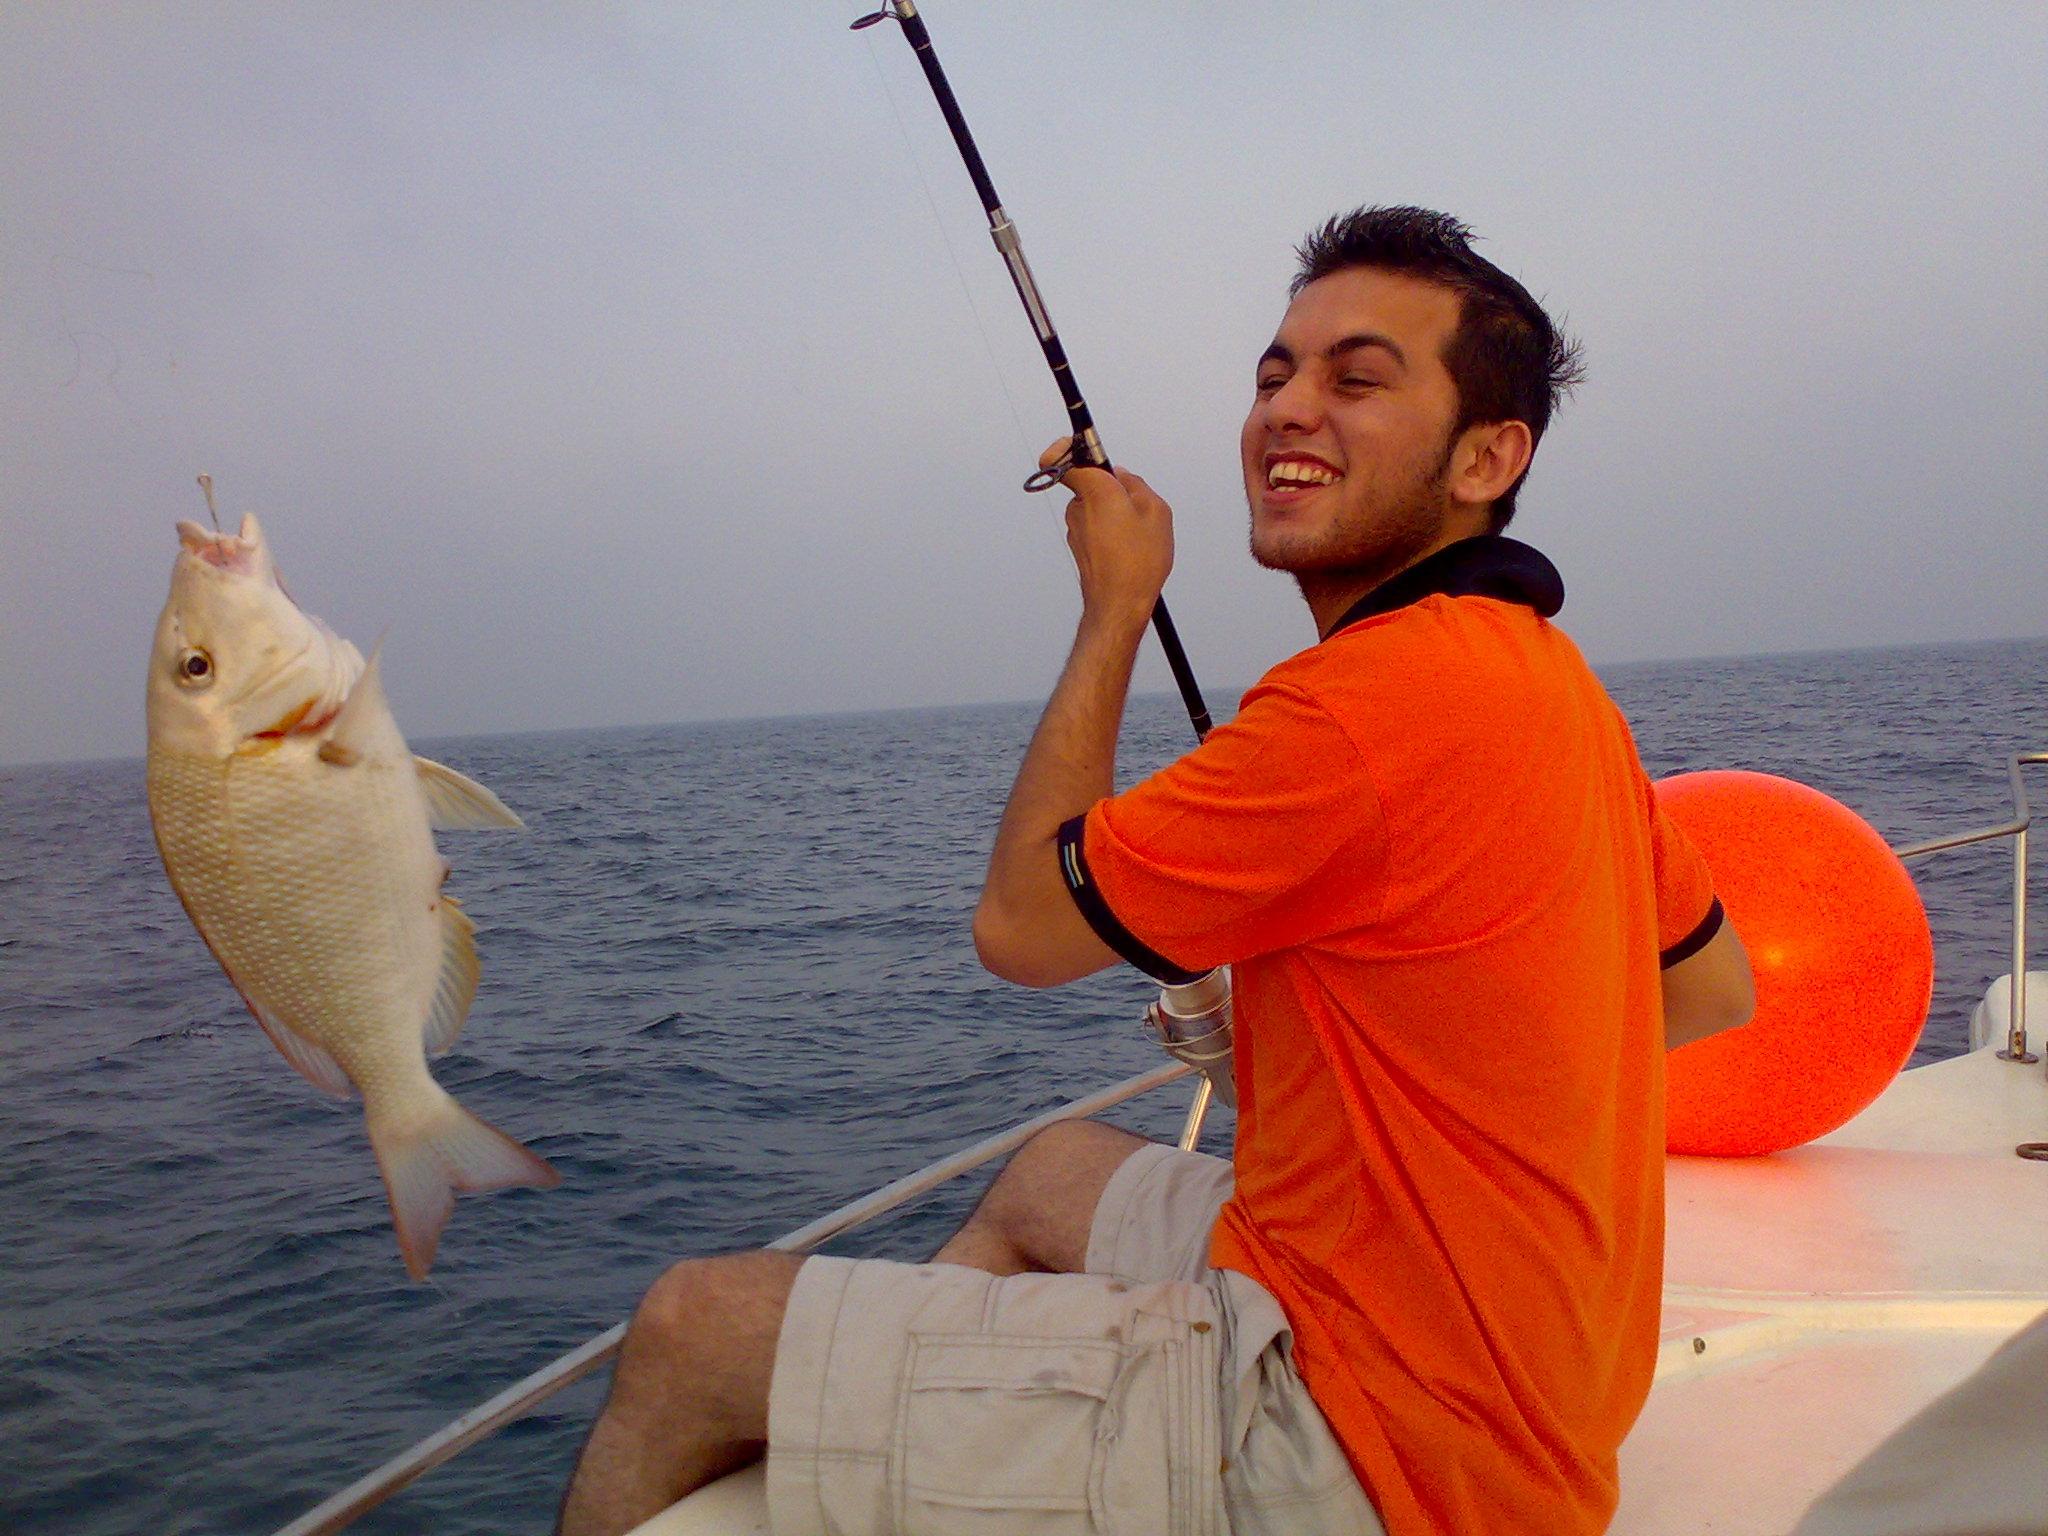 Fishing in dubai dubai deals and discounts kobonaty for Fishing in dubai